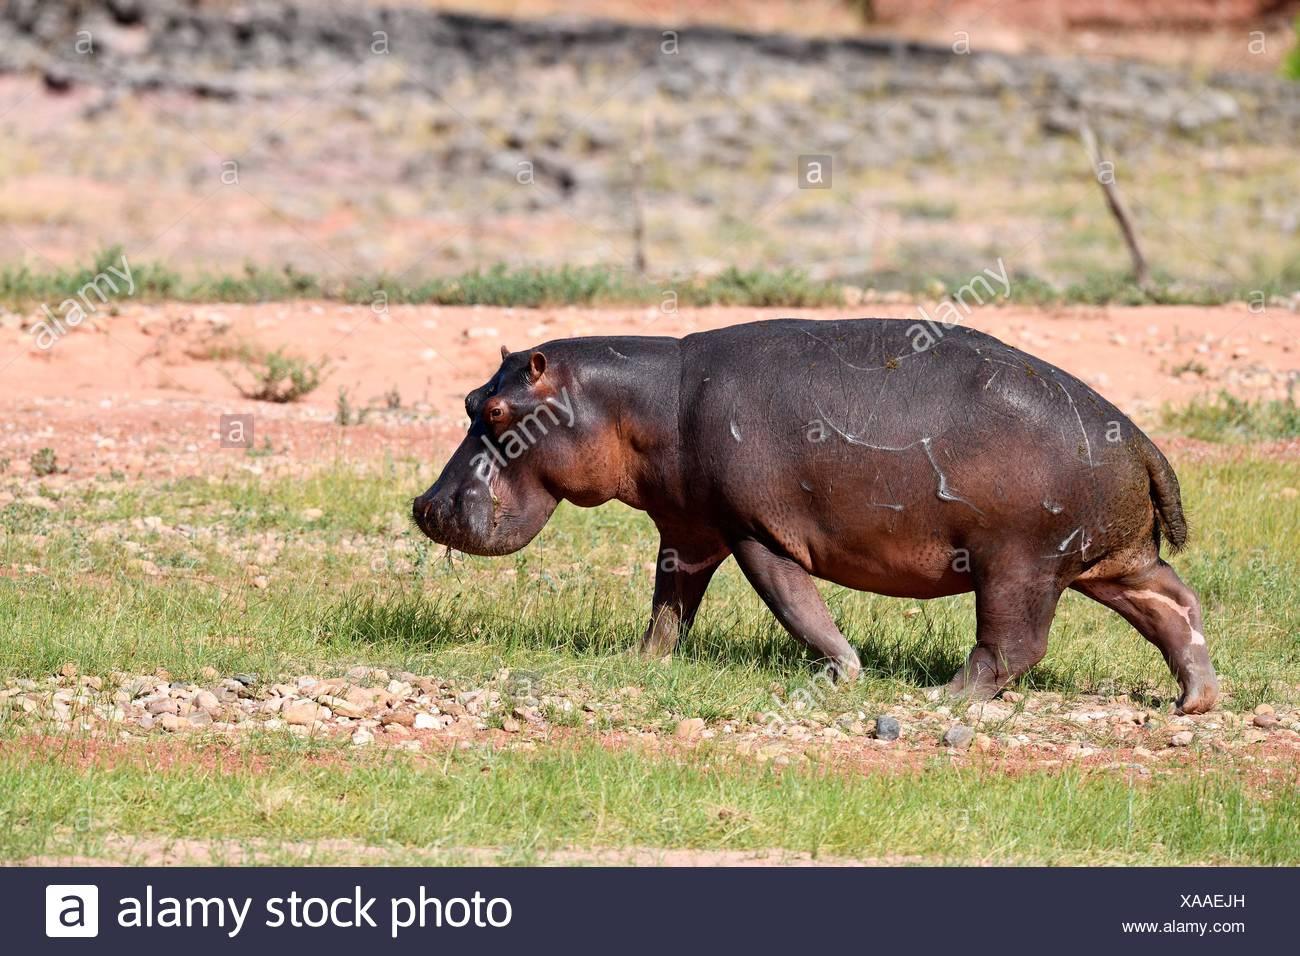 Hippopotame (Hippopotamus) Balade dans le Parc National de Matusadona, Zimbabwe. Photo Stock